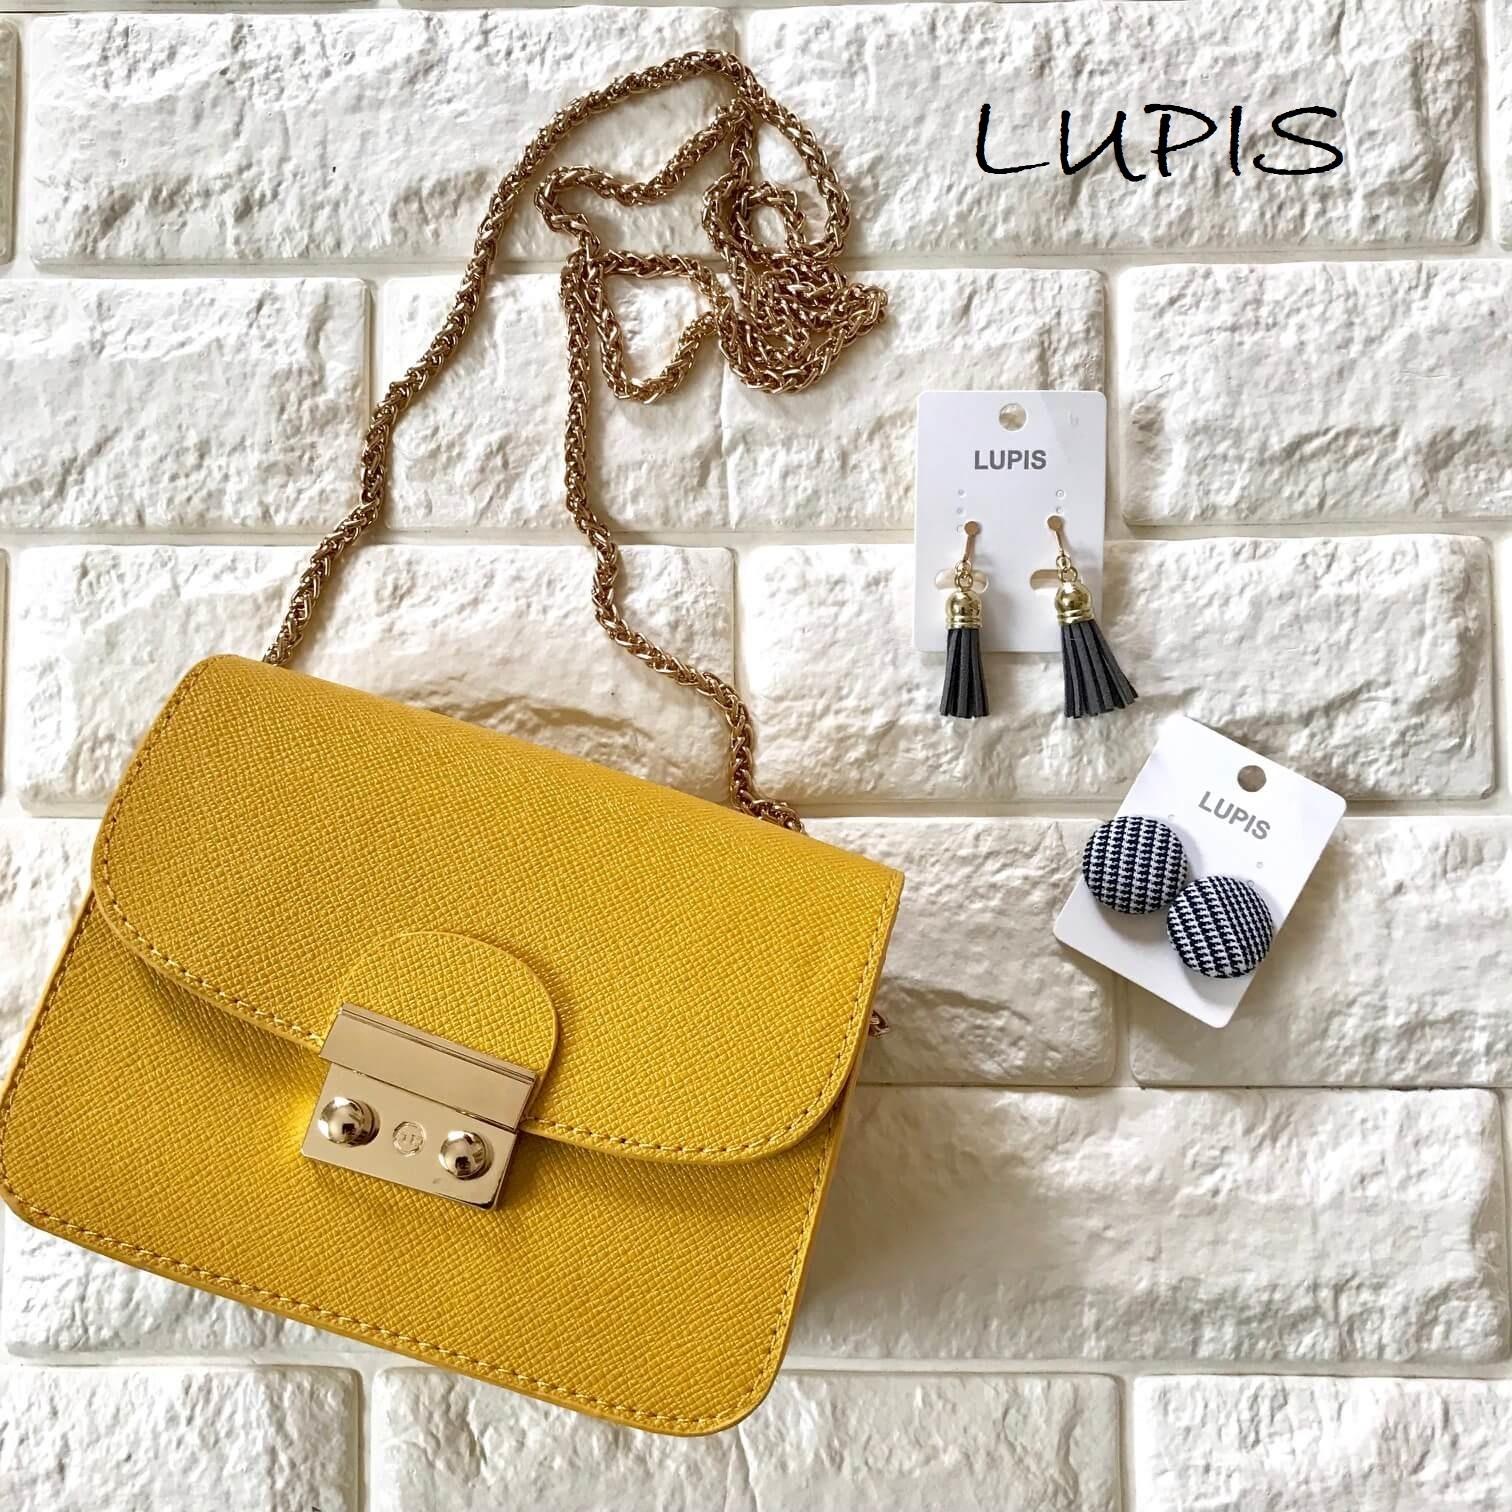 LUPISの雑貨3点画像